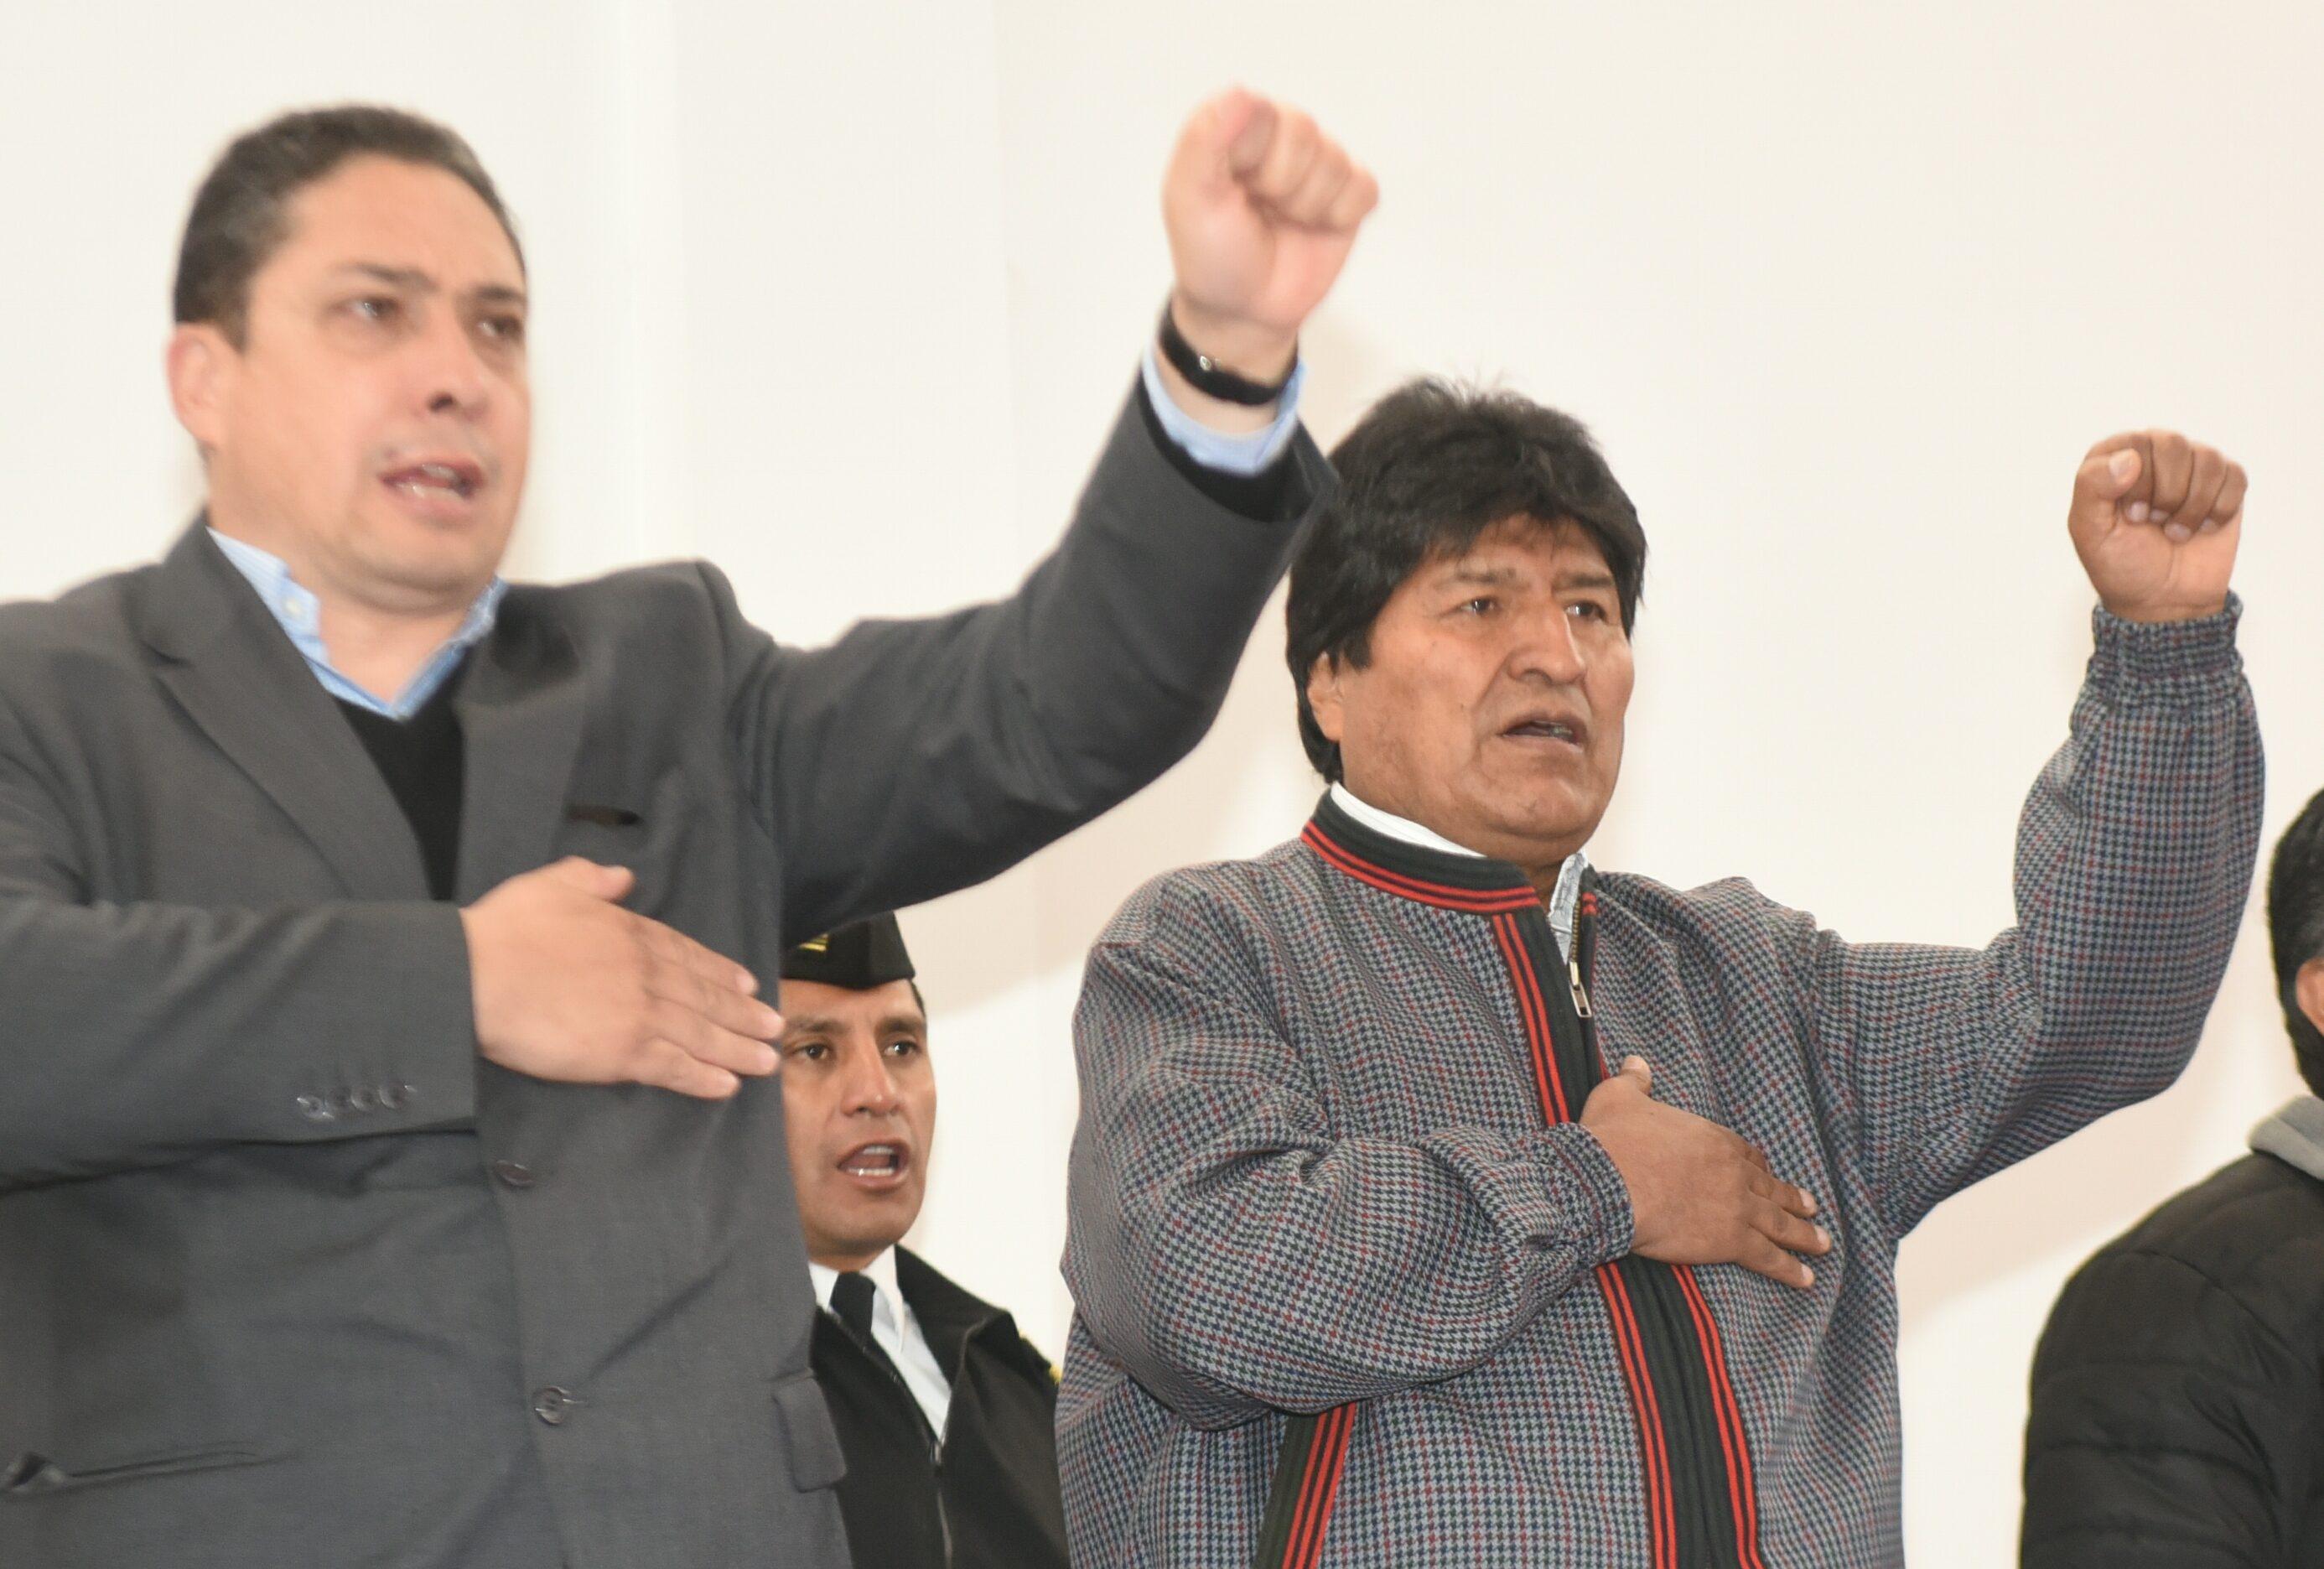 El Ministro de Justicia, Héctor Arce y el Presidente Evo Morales / ABI